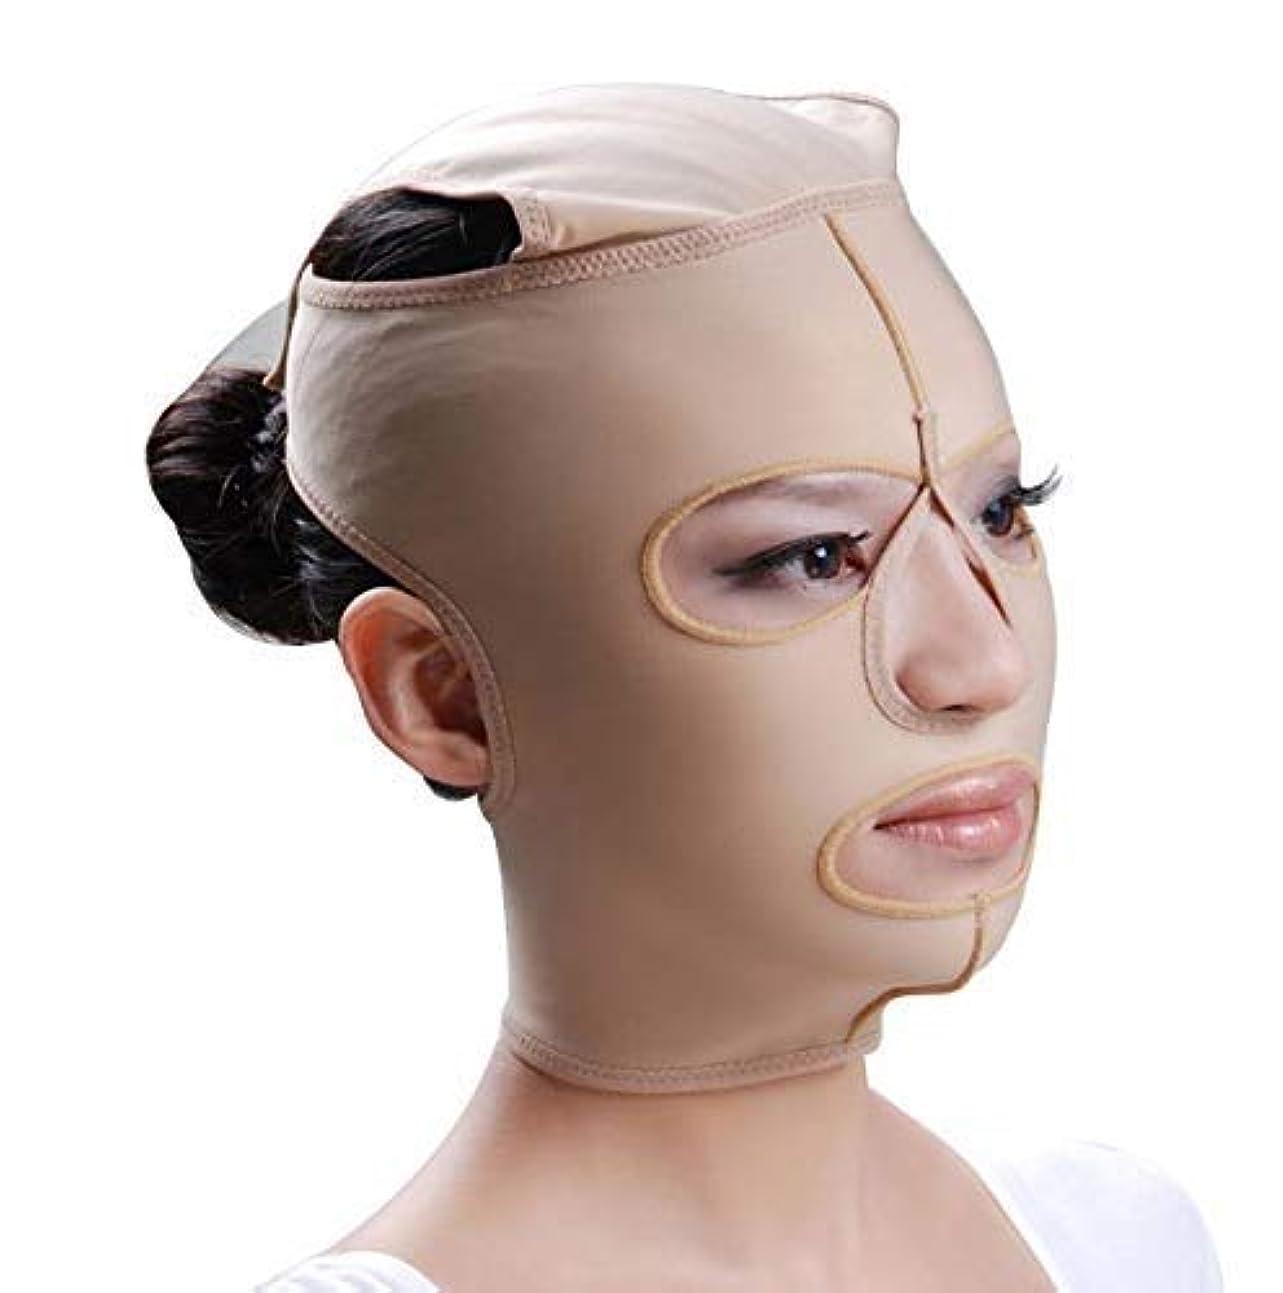 曲げるハロウィン十代の若者たちファーミングフェイスマスク、フェイシャルマスク弾性フェイスリフティングリフティングファーミングパターンマイクロフィニッシングポストモデリングコンプレッションフェイスマスク(サイズ:L)